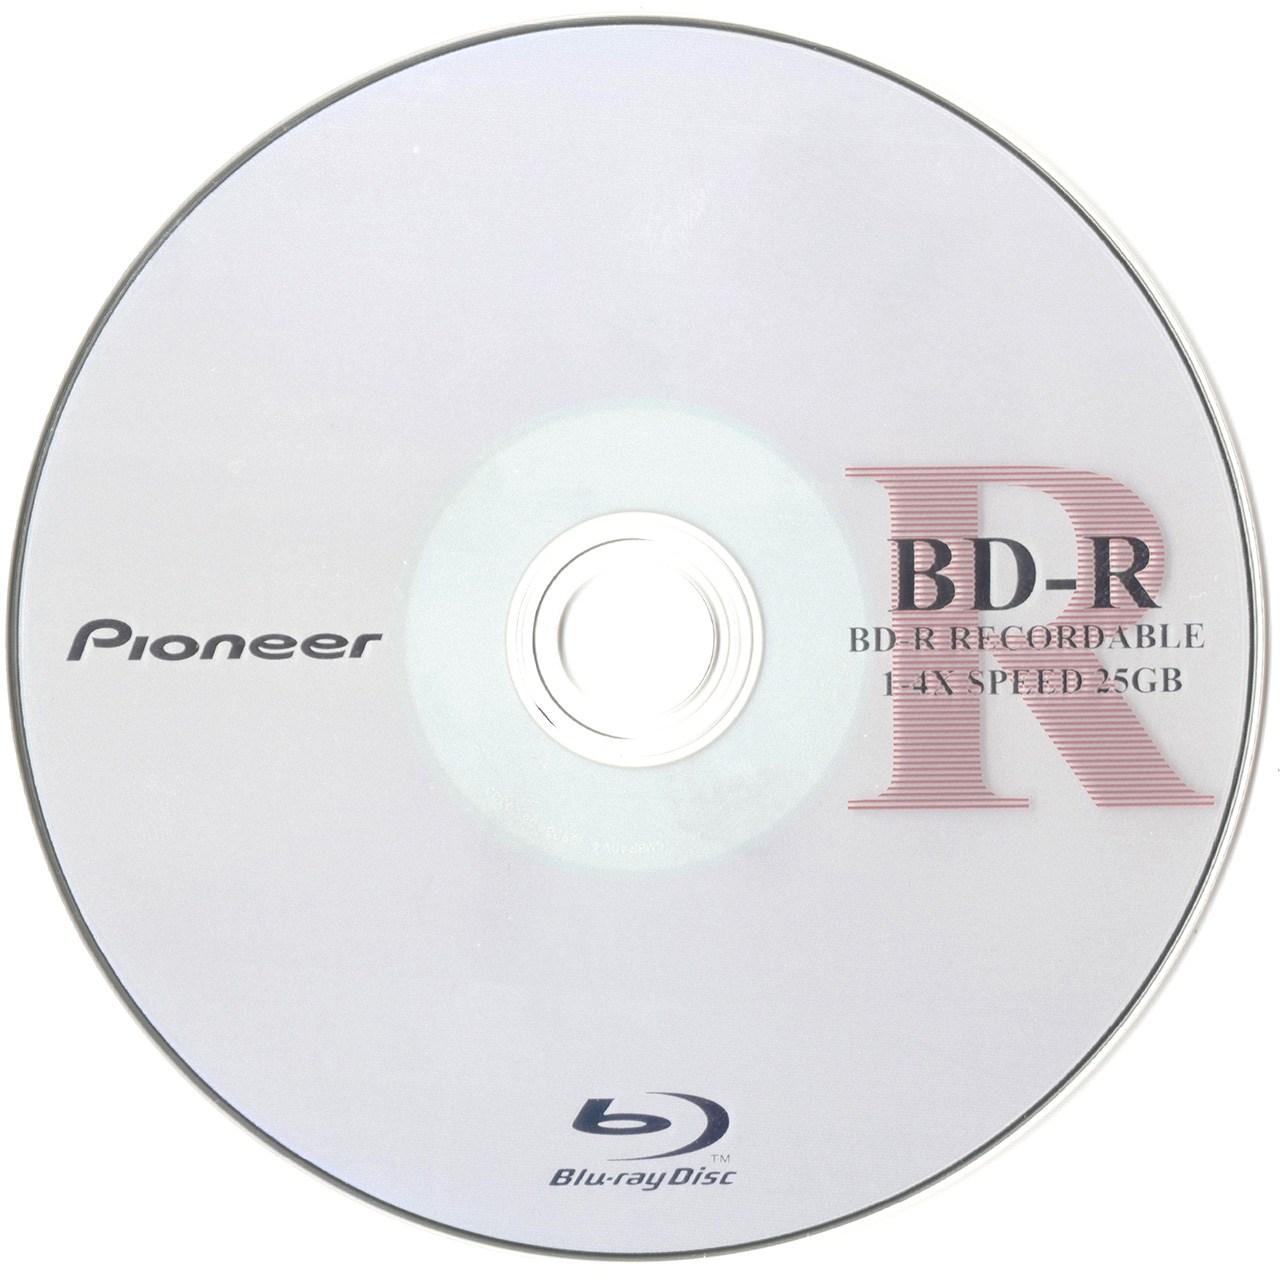 بلو ری خام پایونیر مدل BD-R با ظرفیت 25 گیگابایت